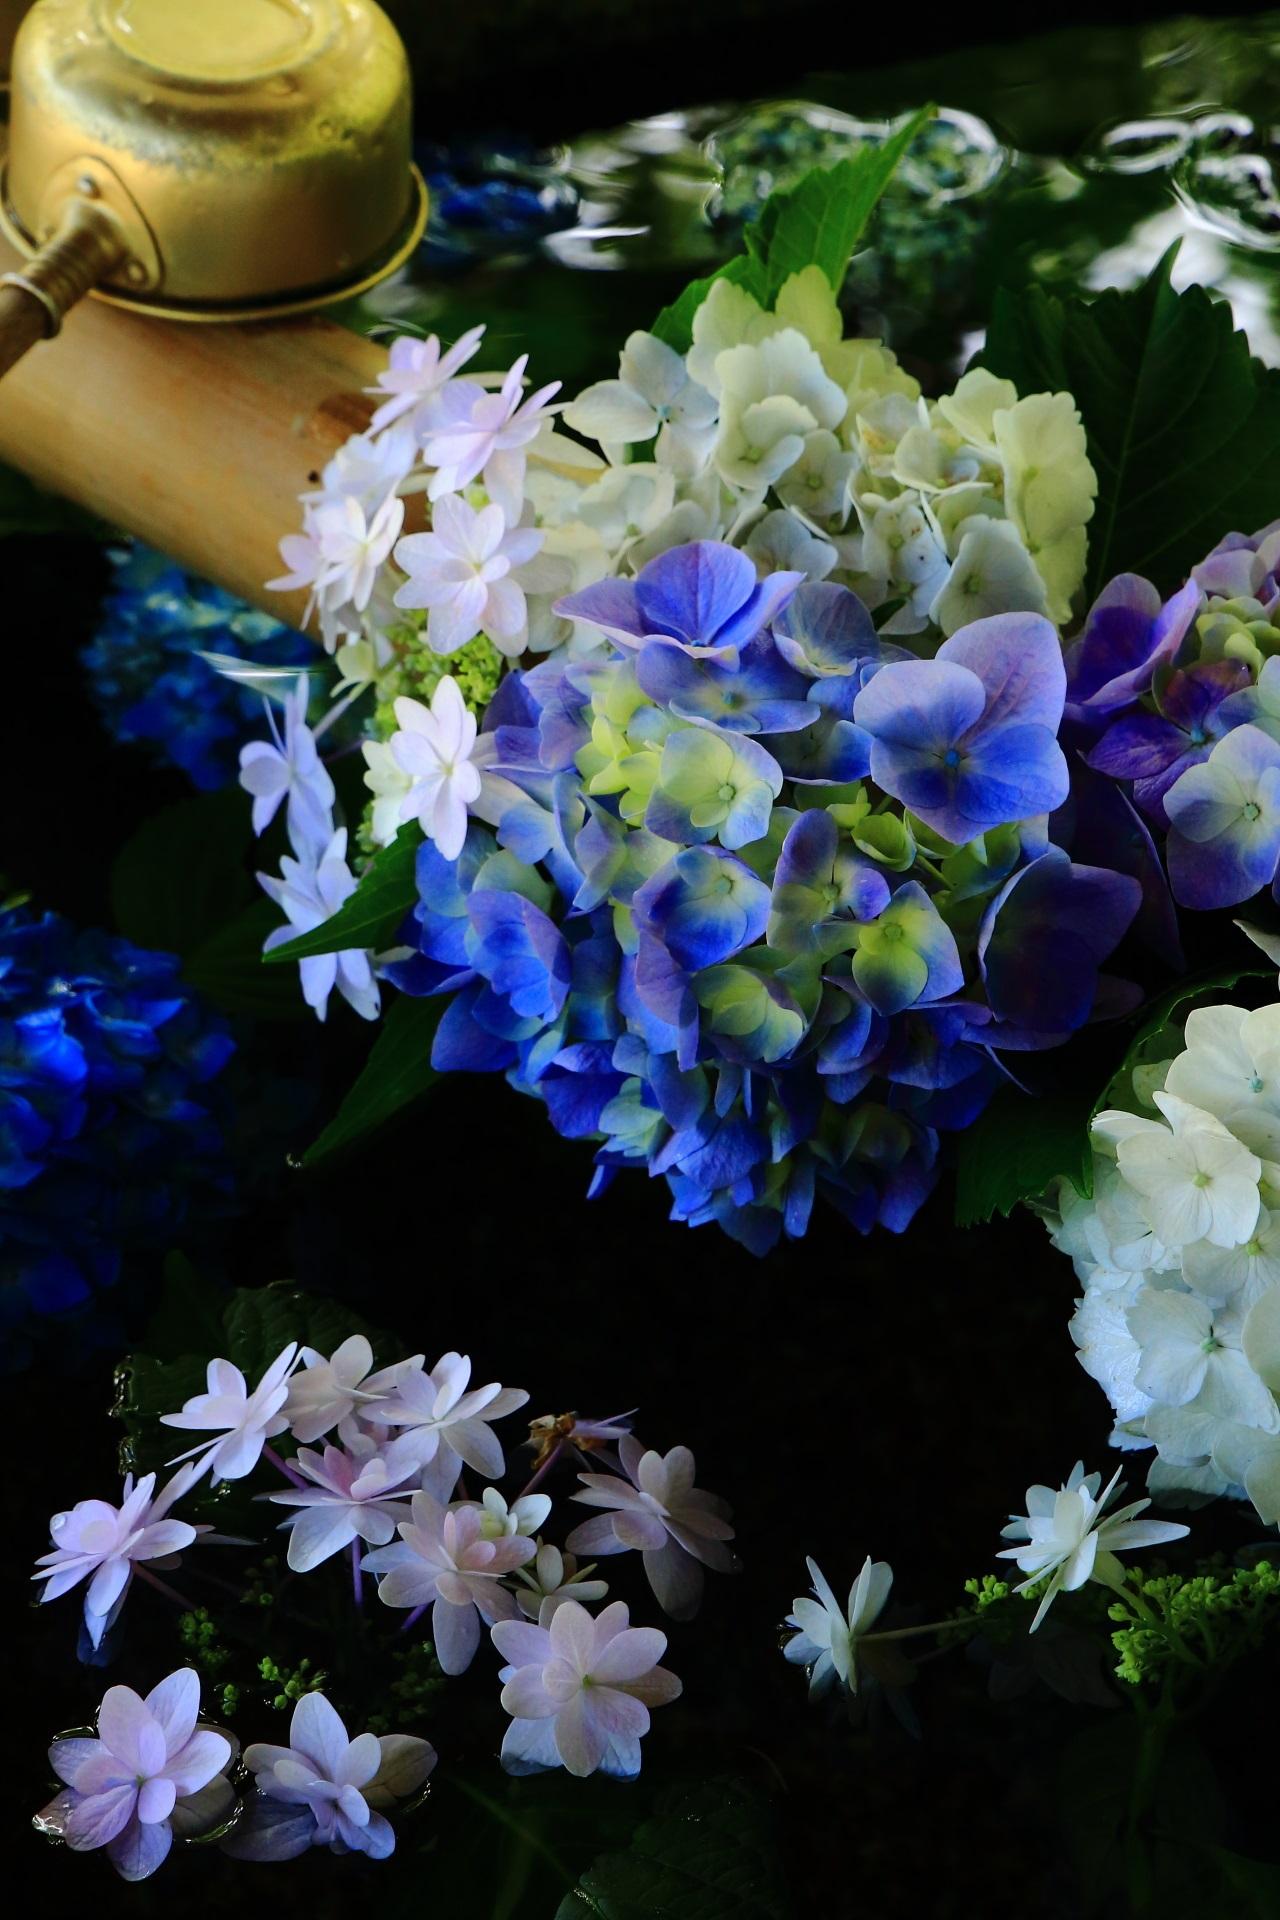 真如堂の手水舎の暗闇の中でほのかに灯るような紫陽花